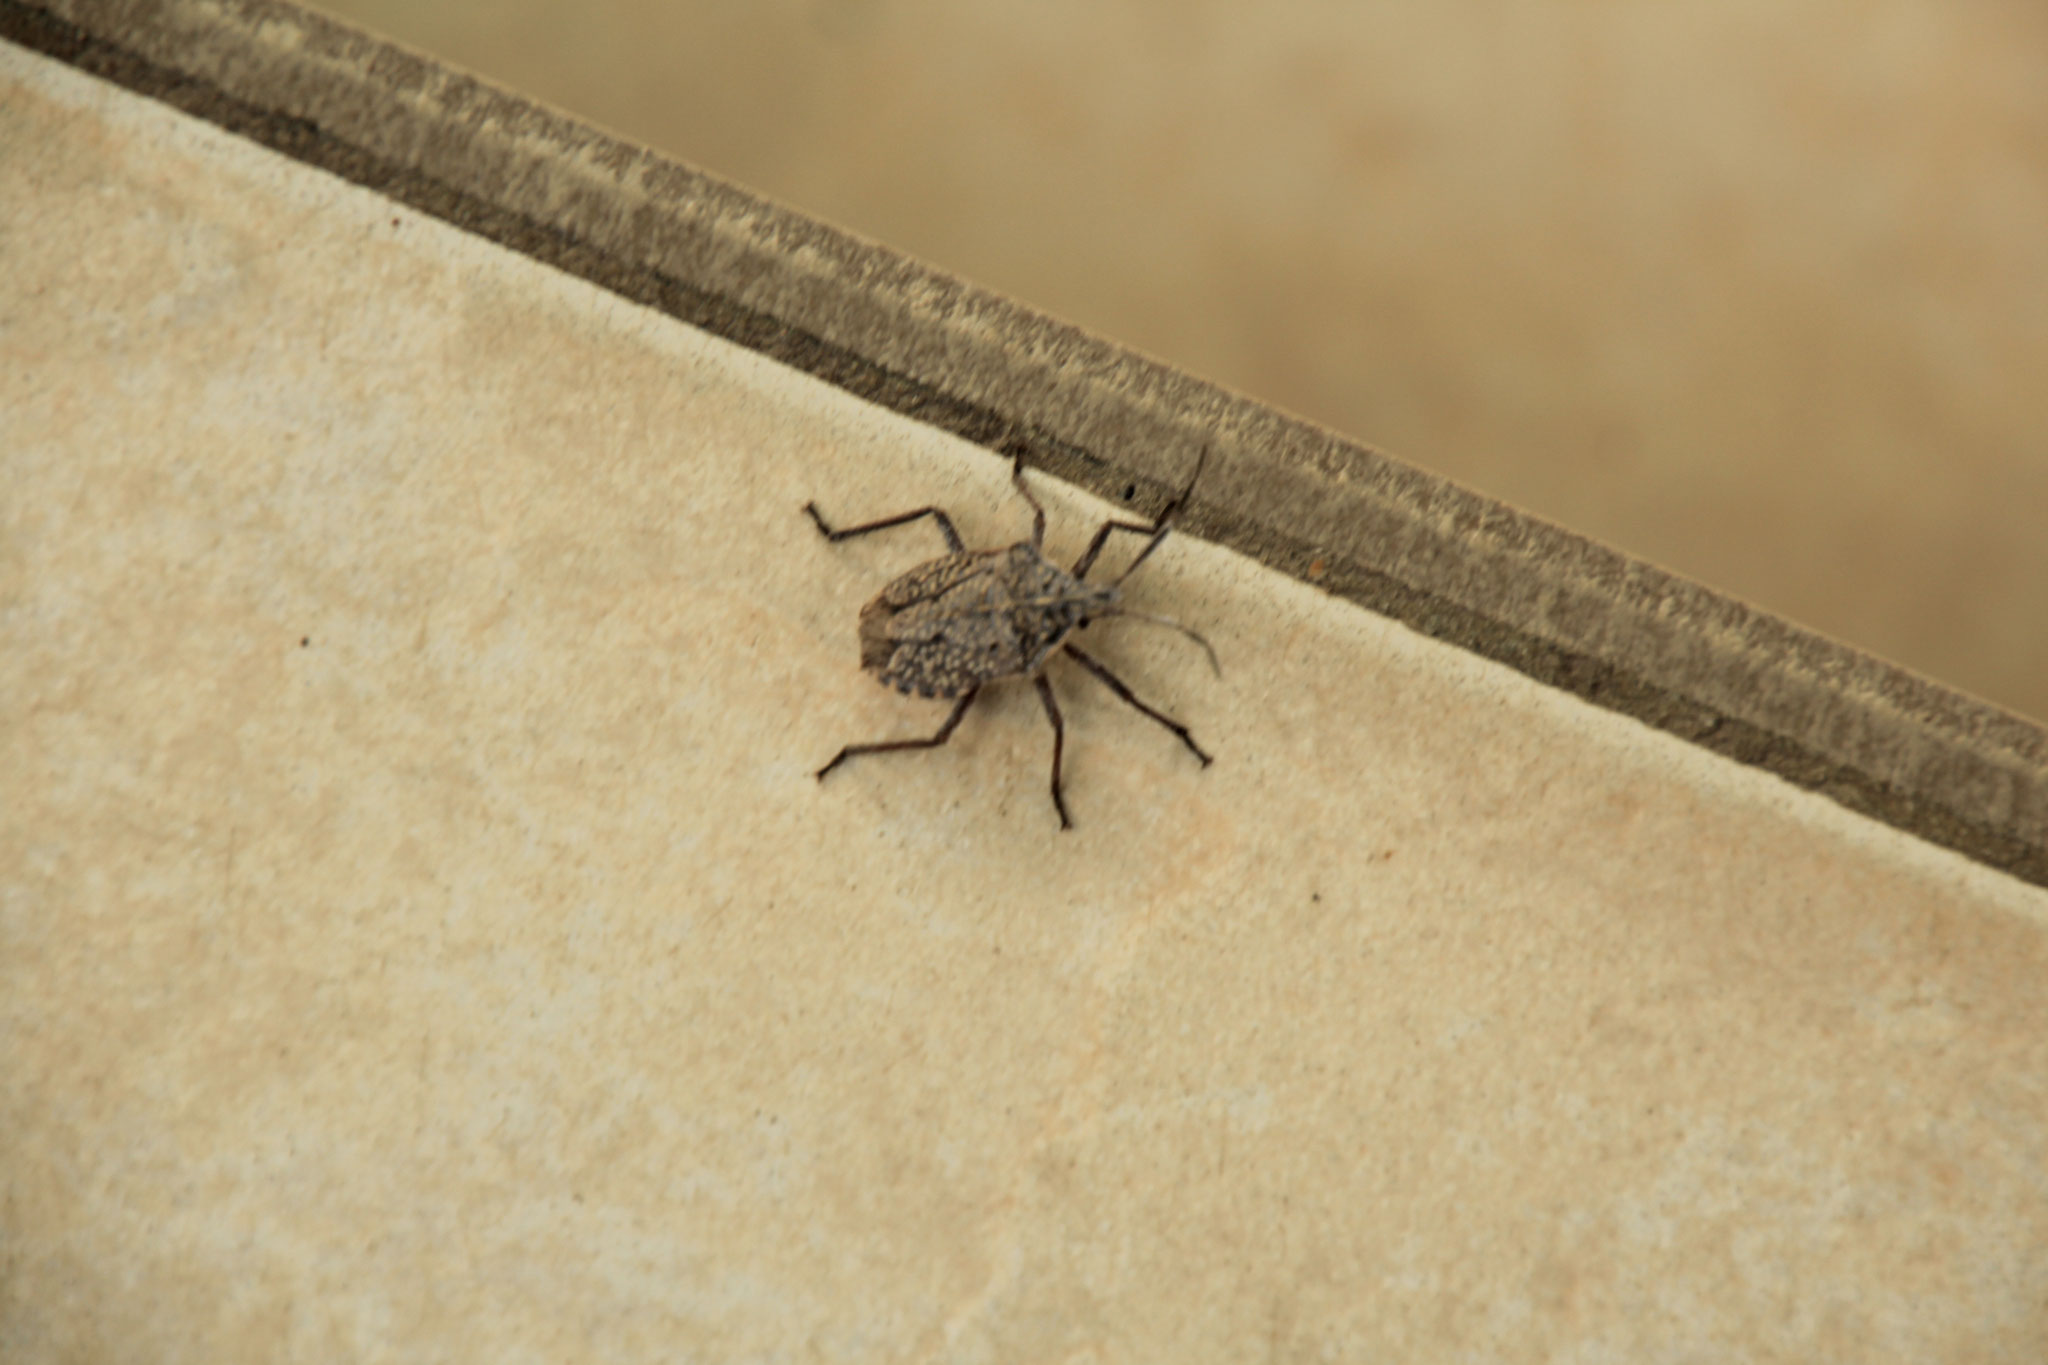 Ein etwa 5 mm grosser Käfer.